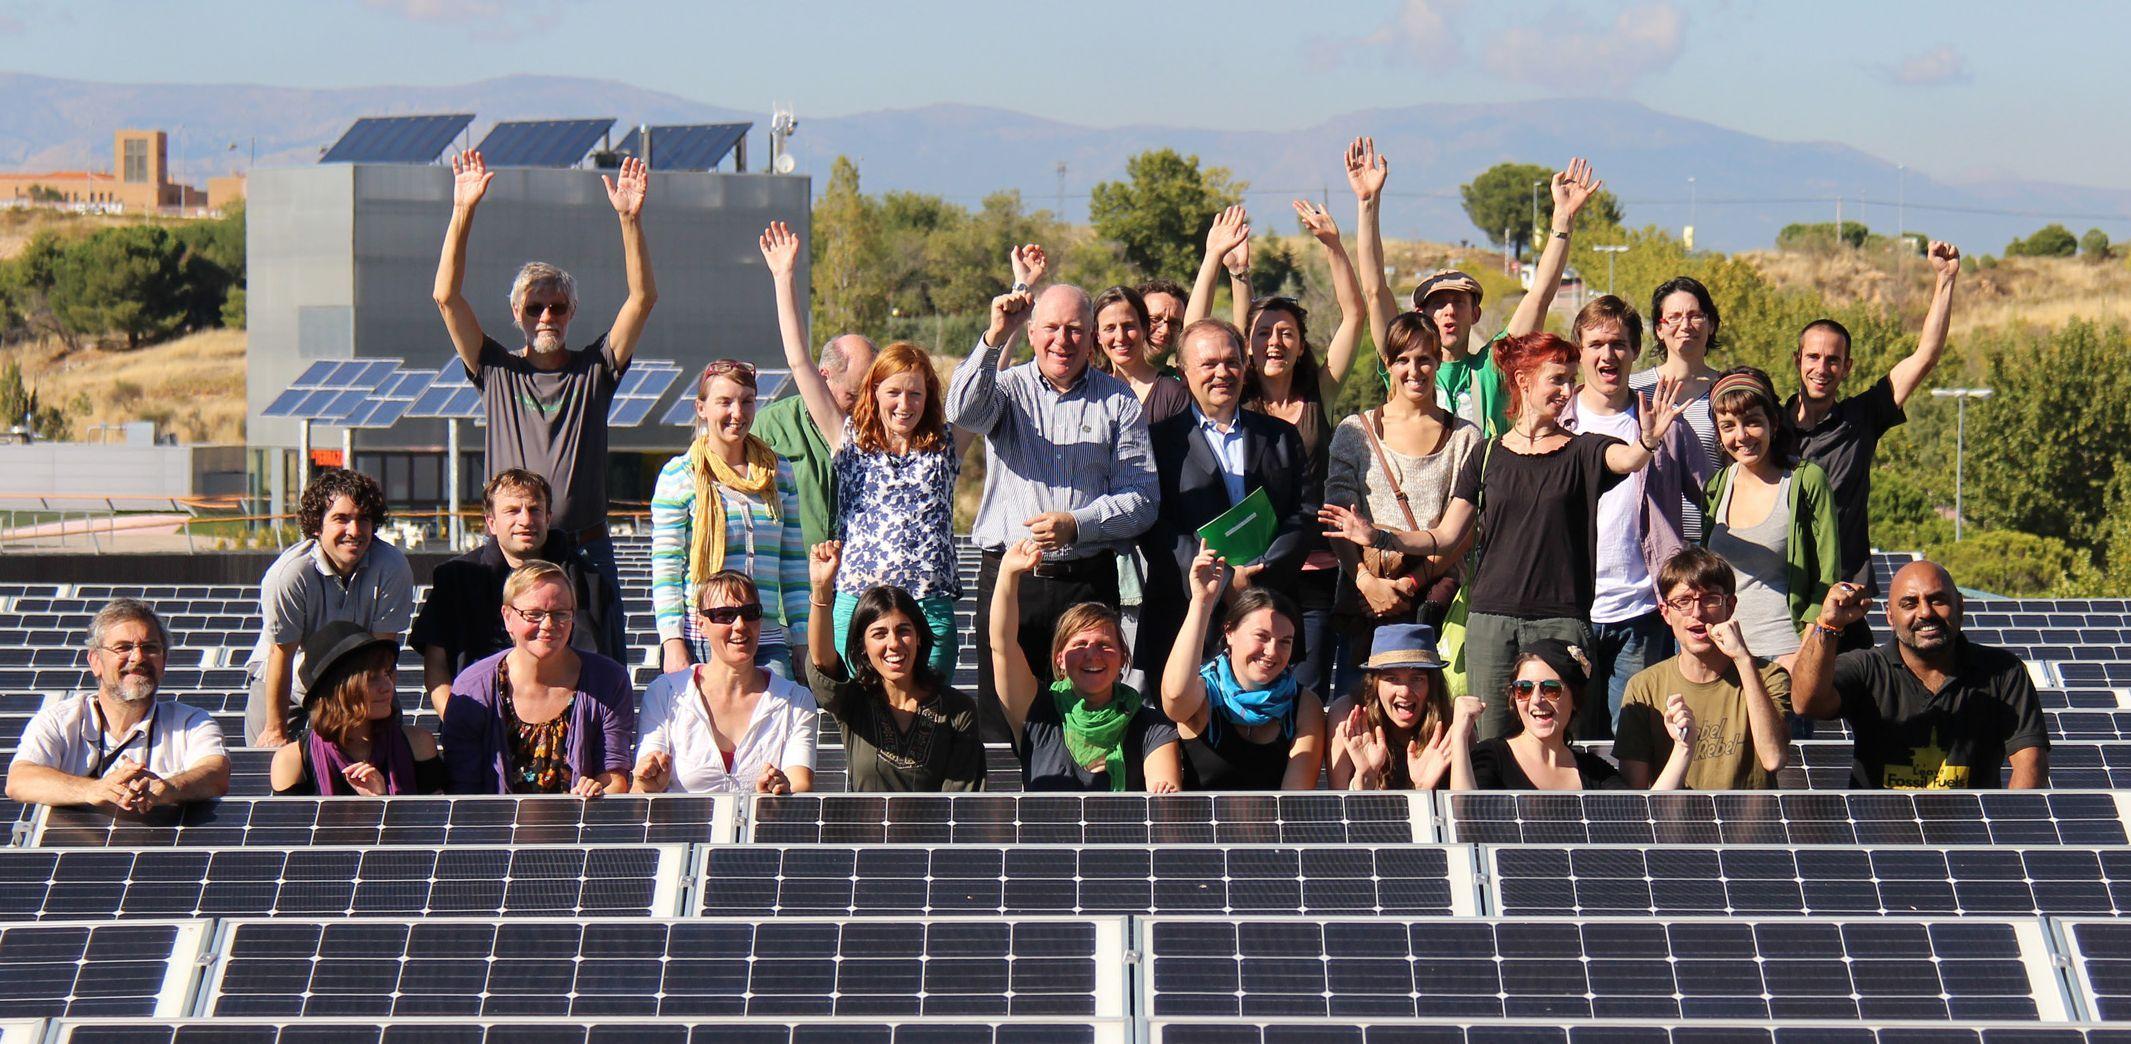 Új jogok adnak lendületet itthon is a közösségi energiának